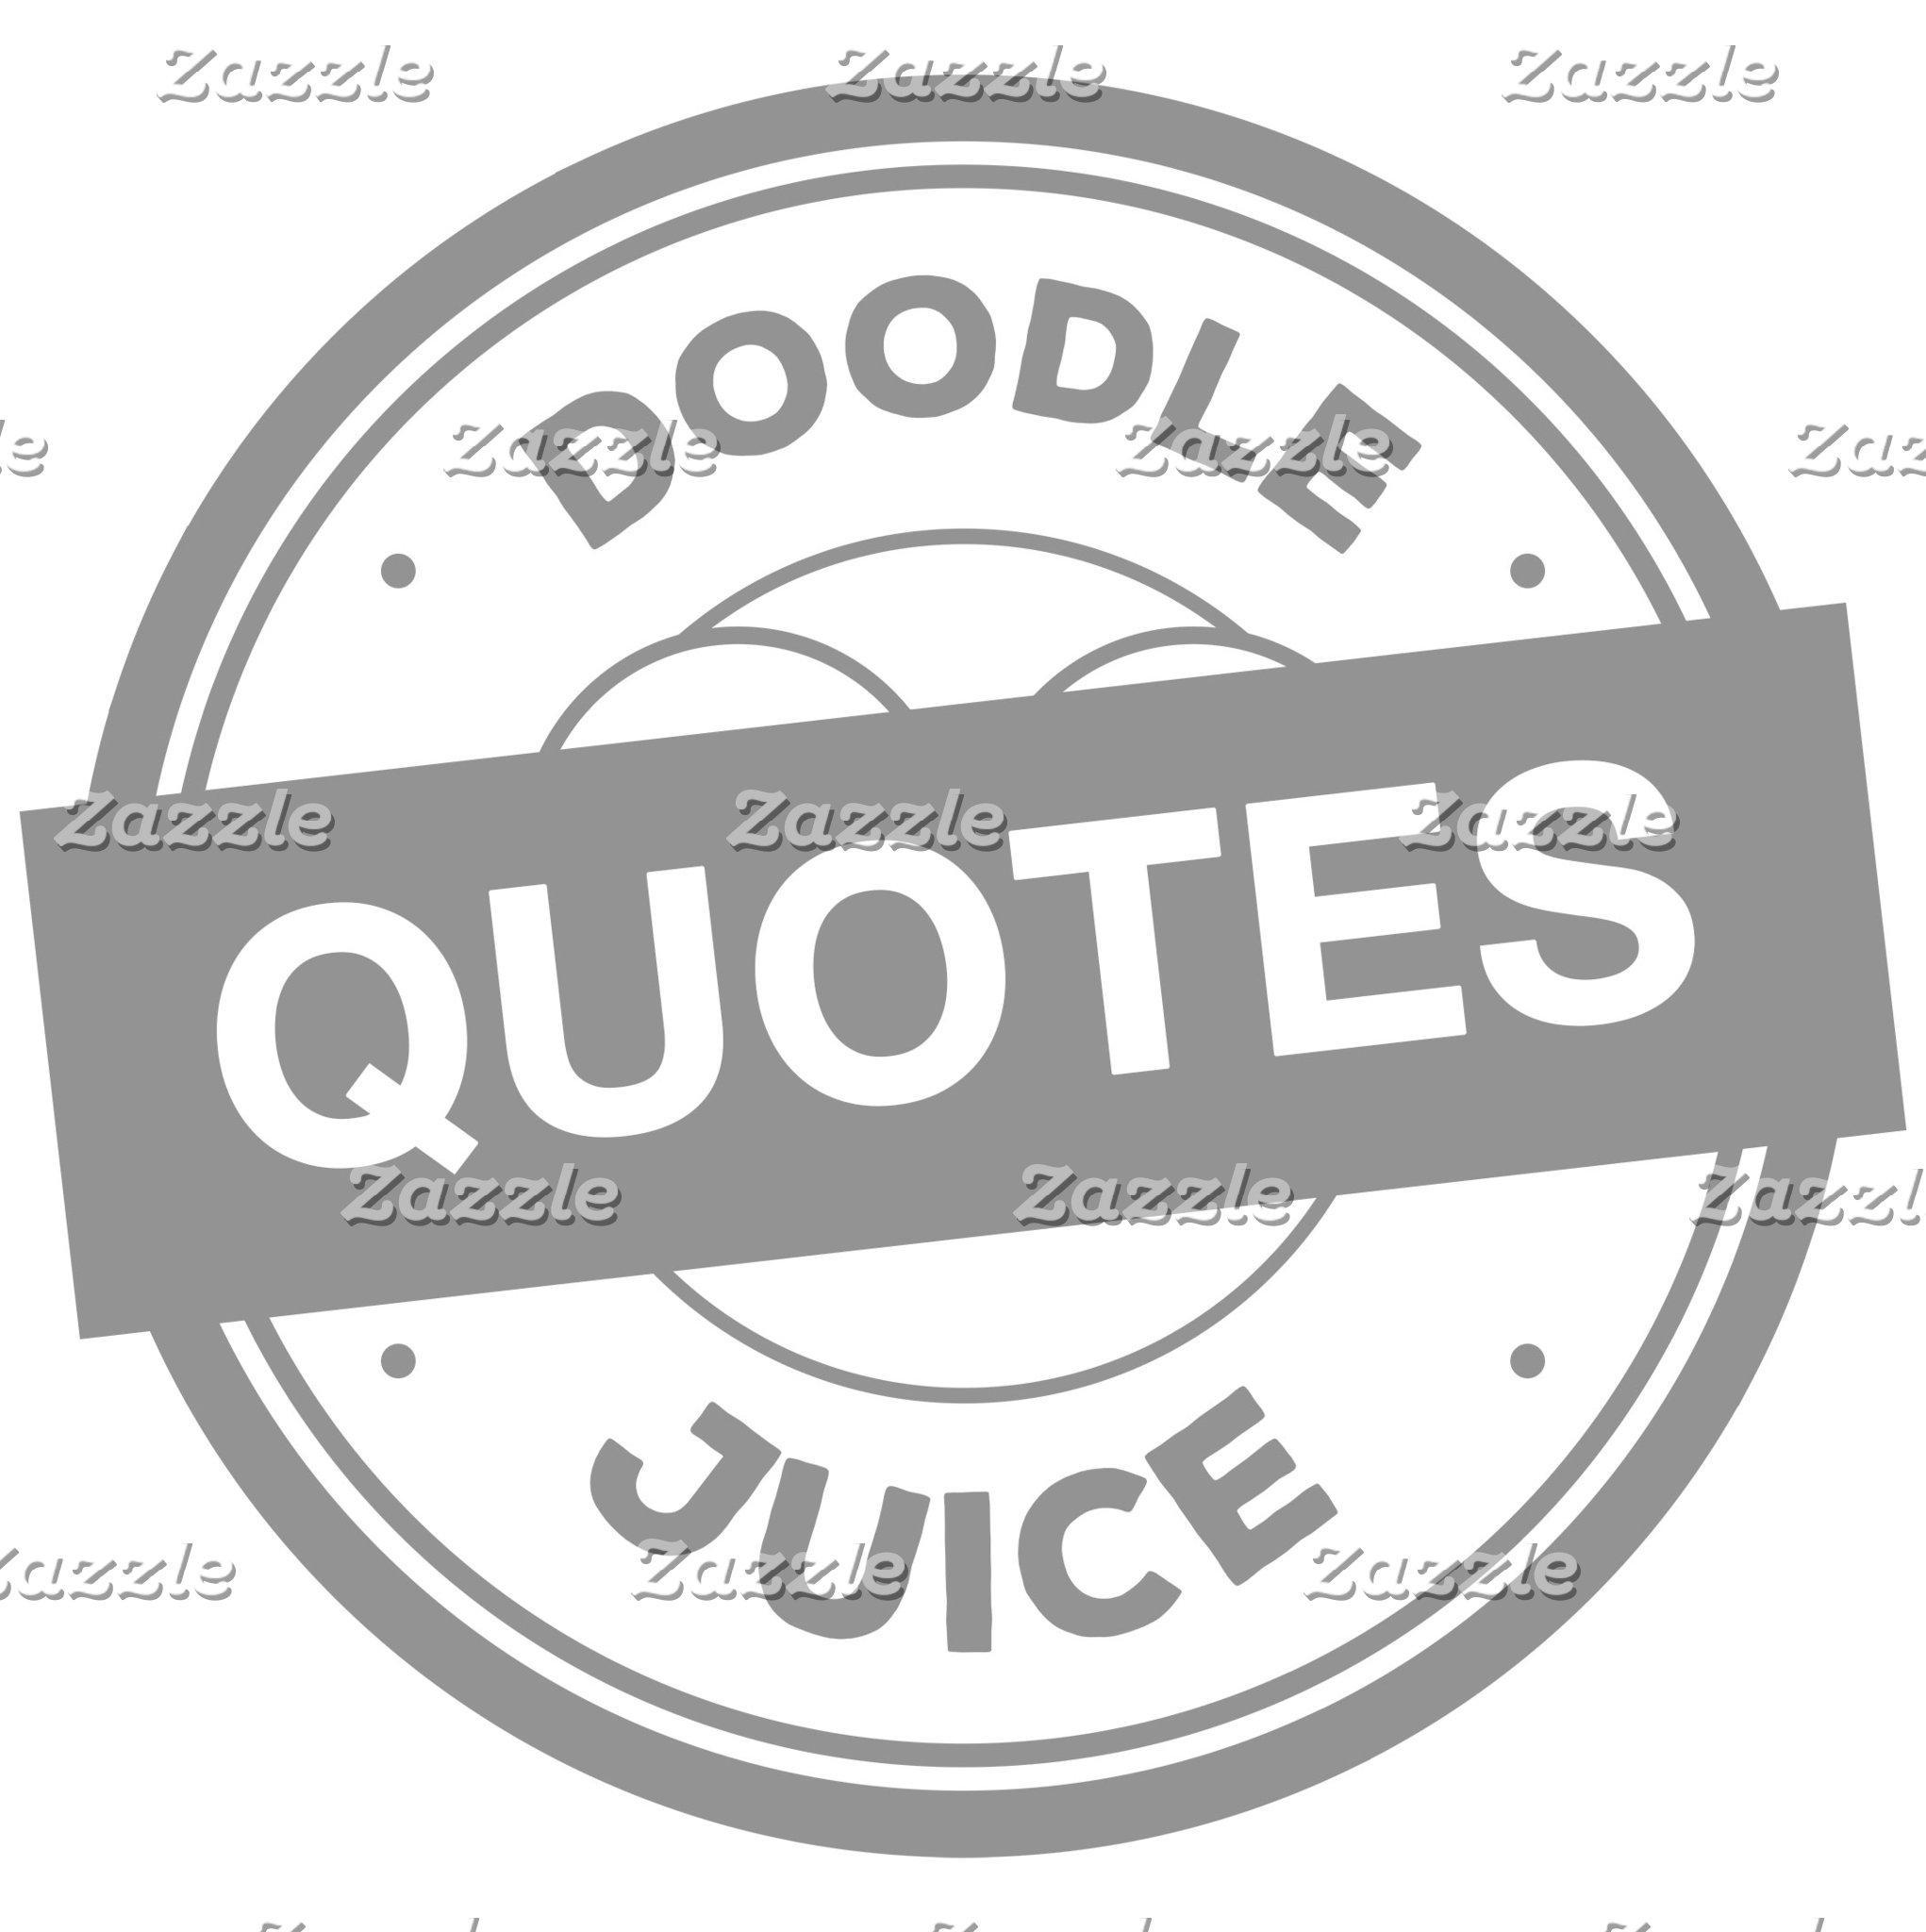 Joke Quotes